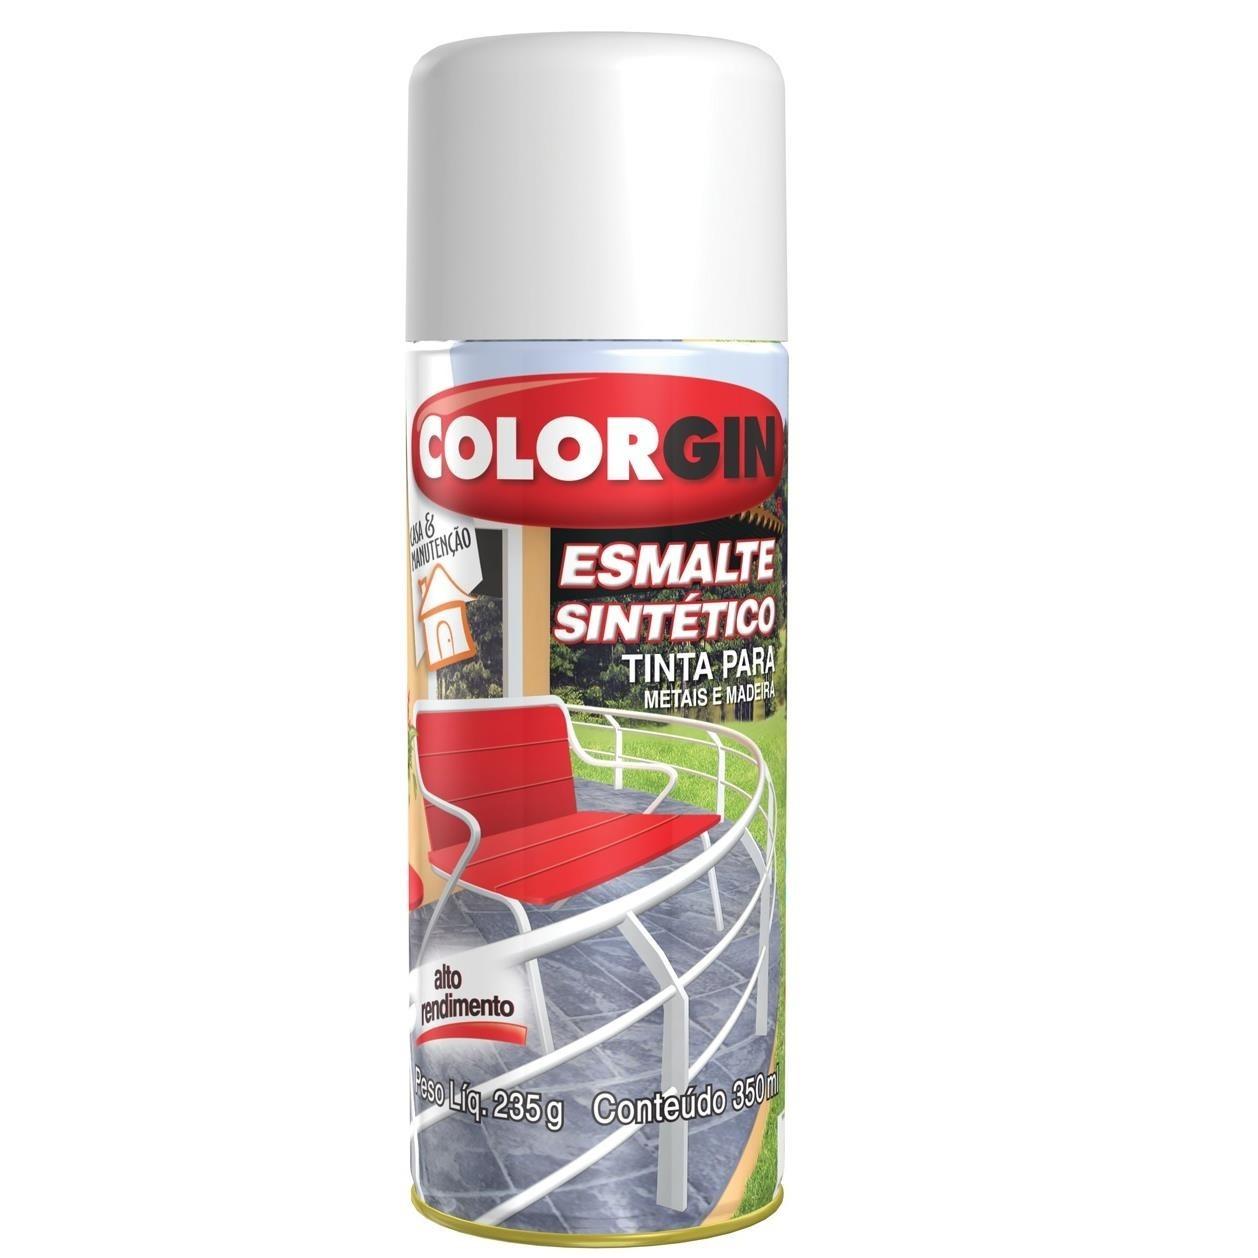 Tinta Spray Brilhante Esmalte sintetico Interno e Externo - Amarelo - 350ml - Colorgin